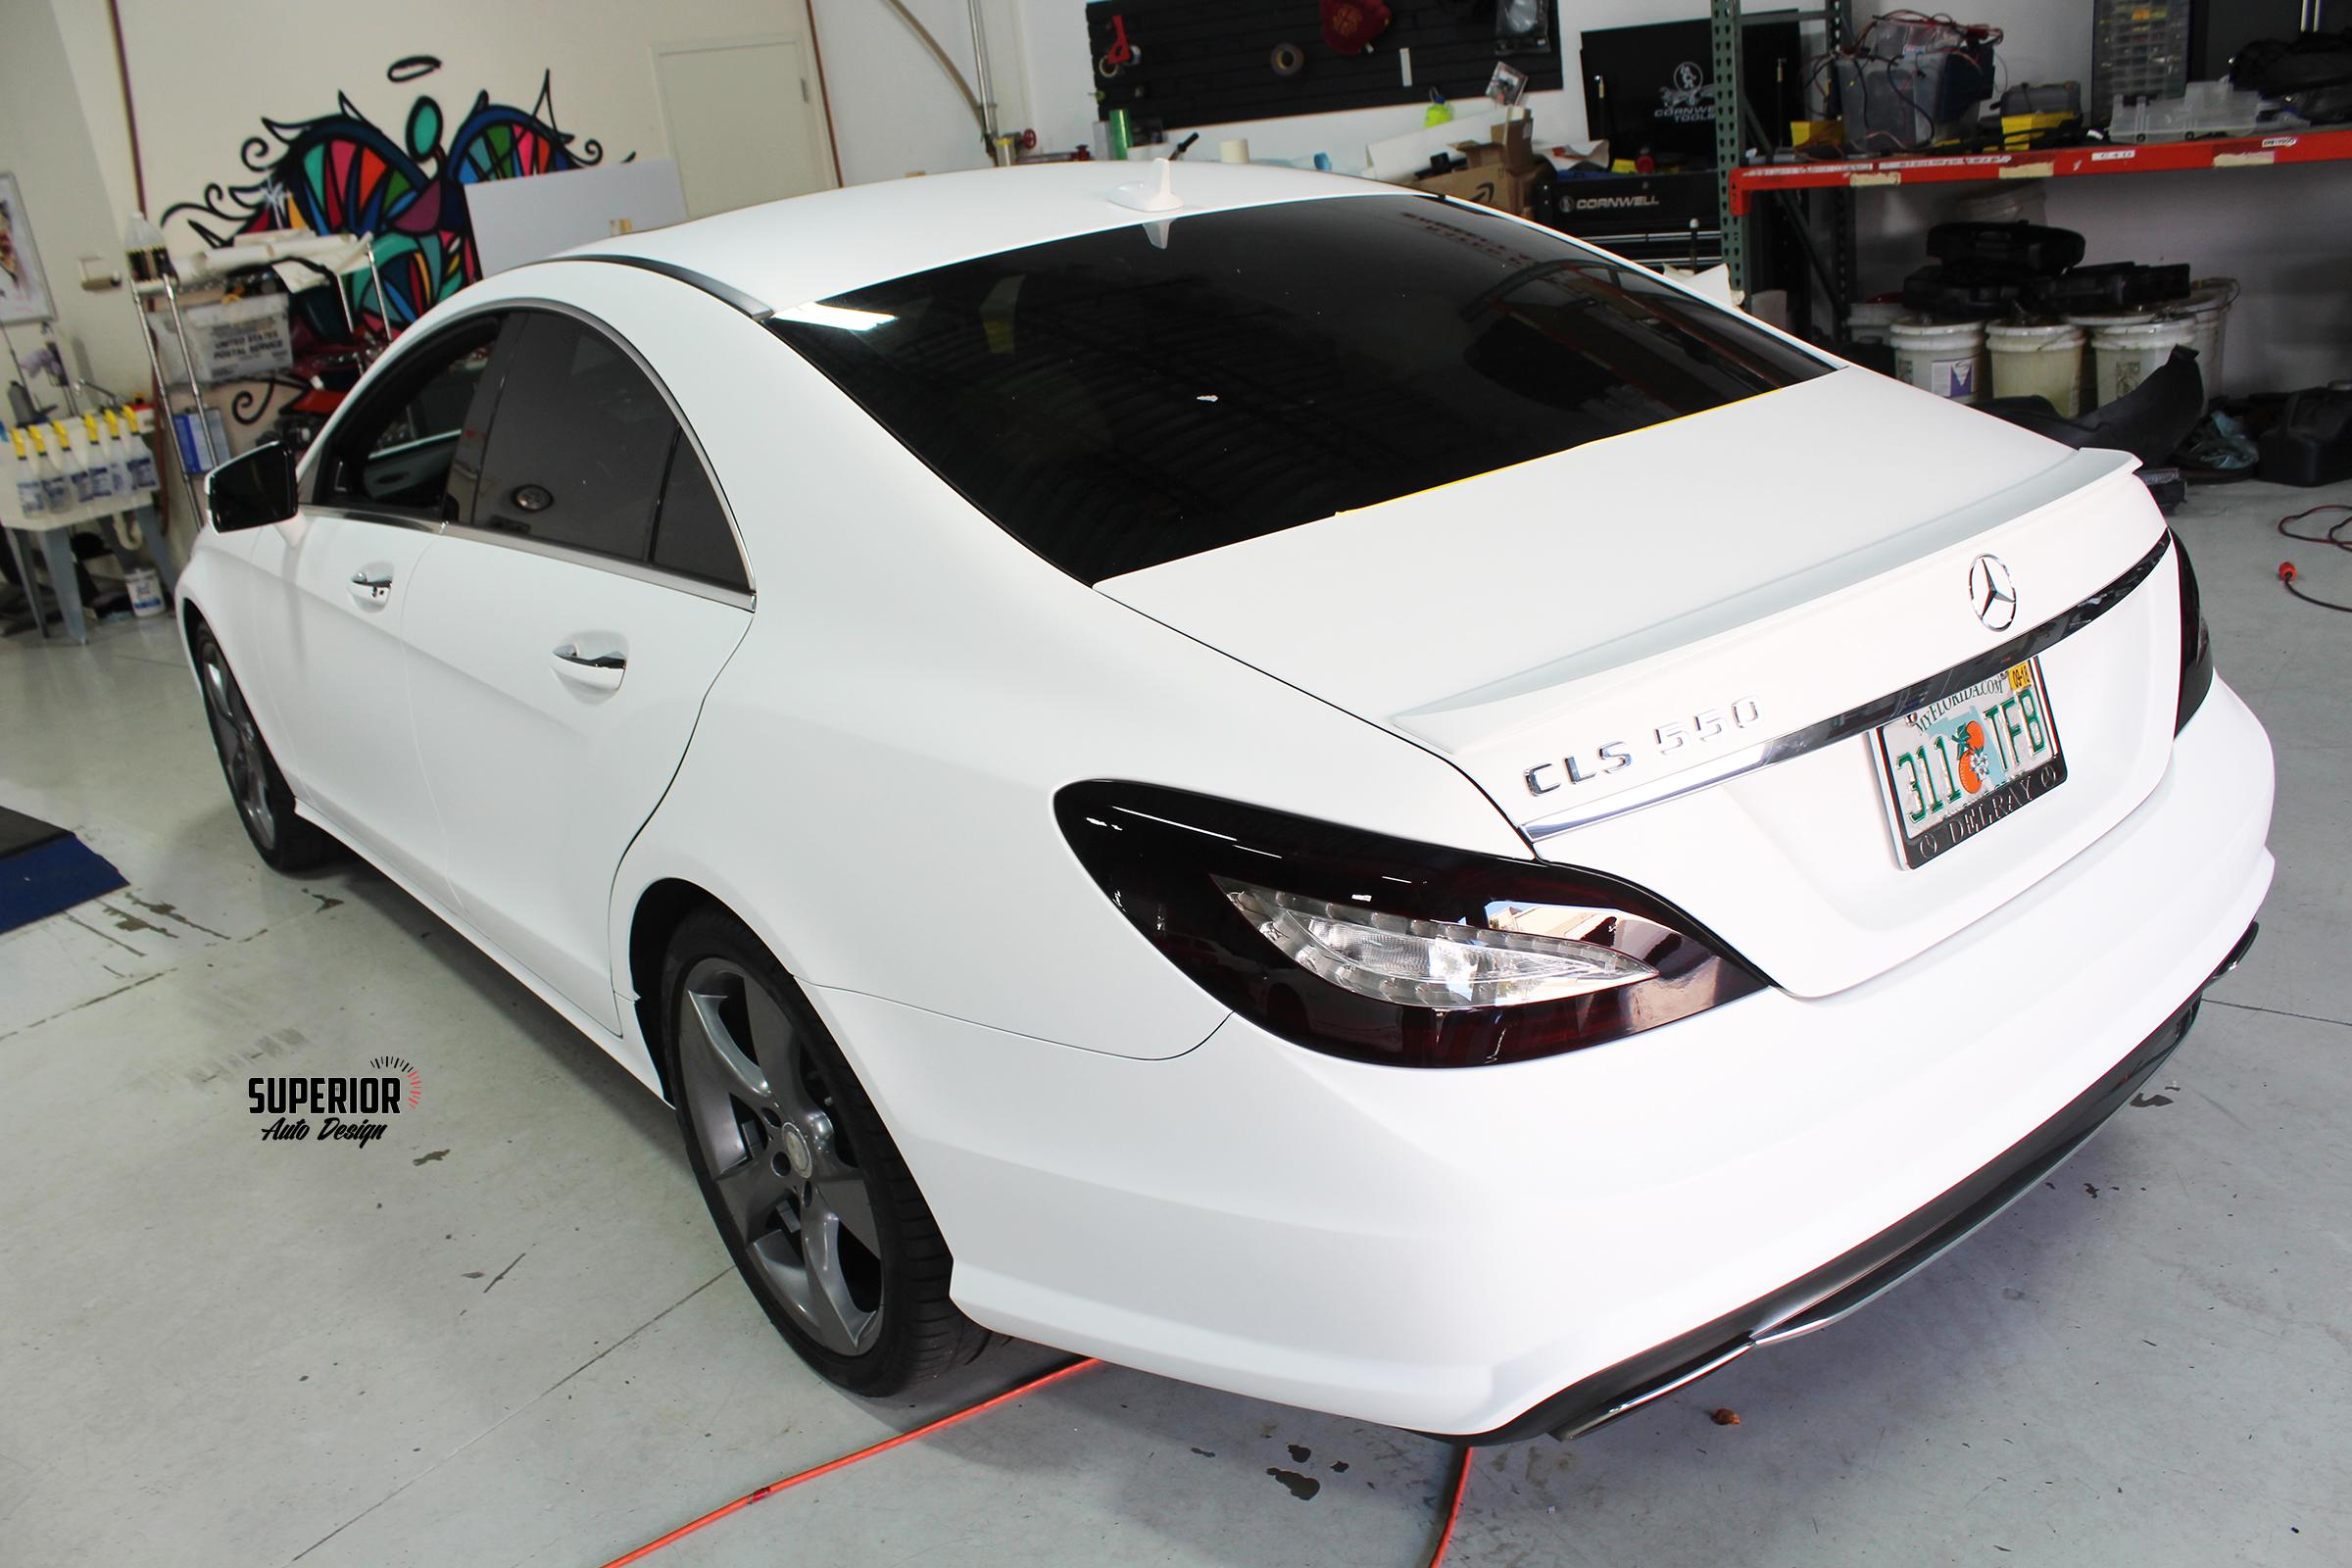 cls-550-superior-auto-design-6